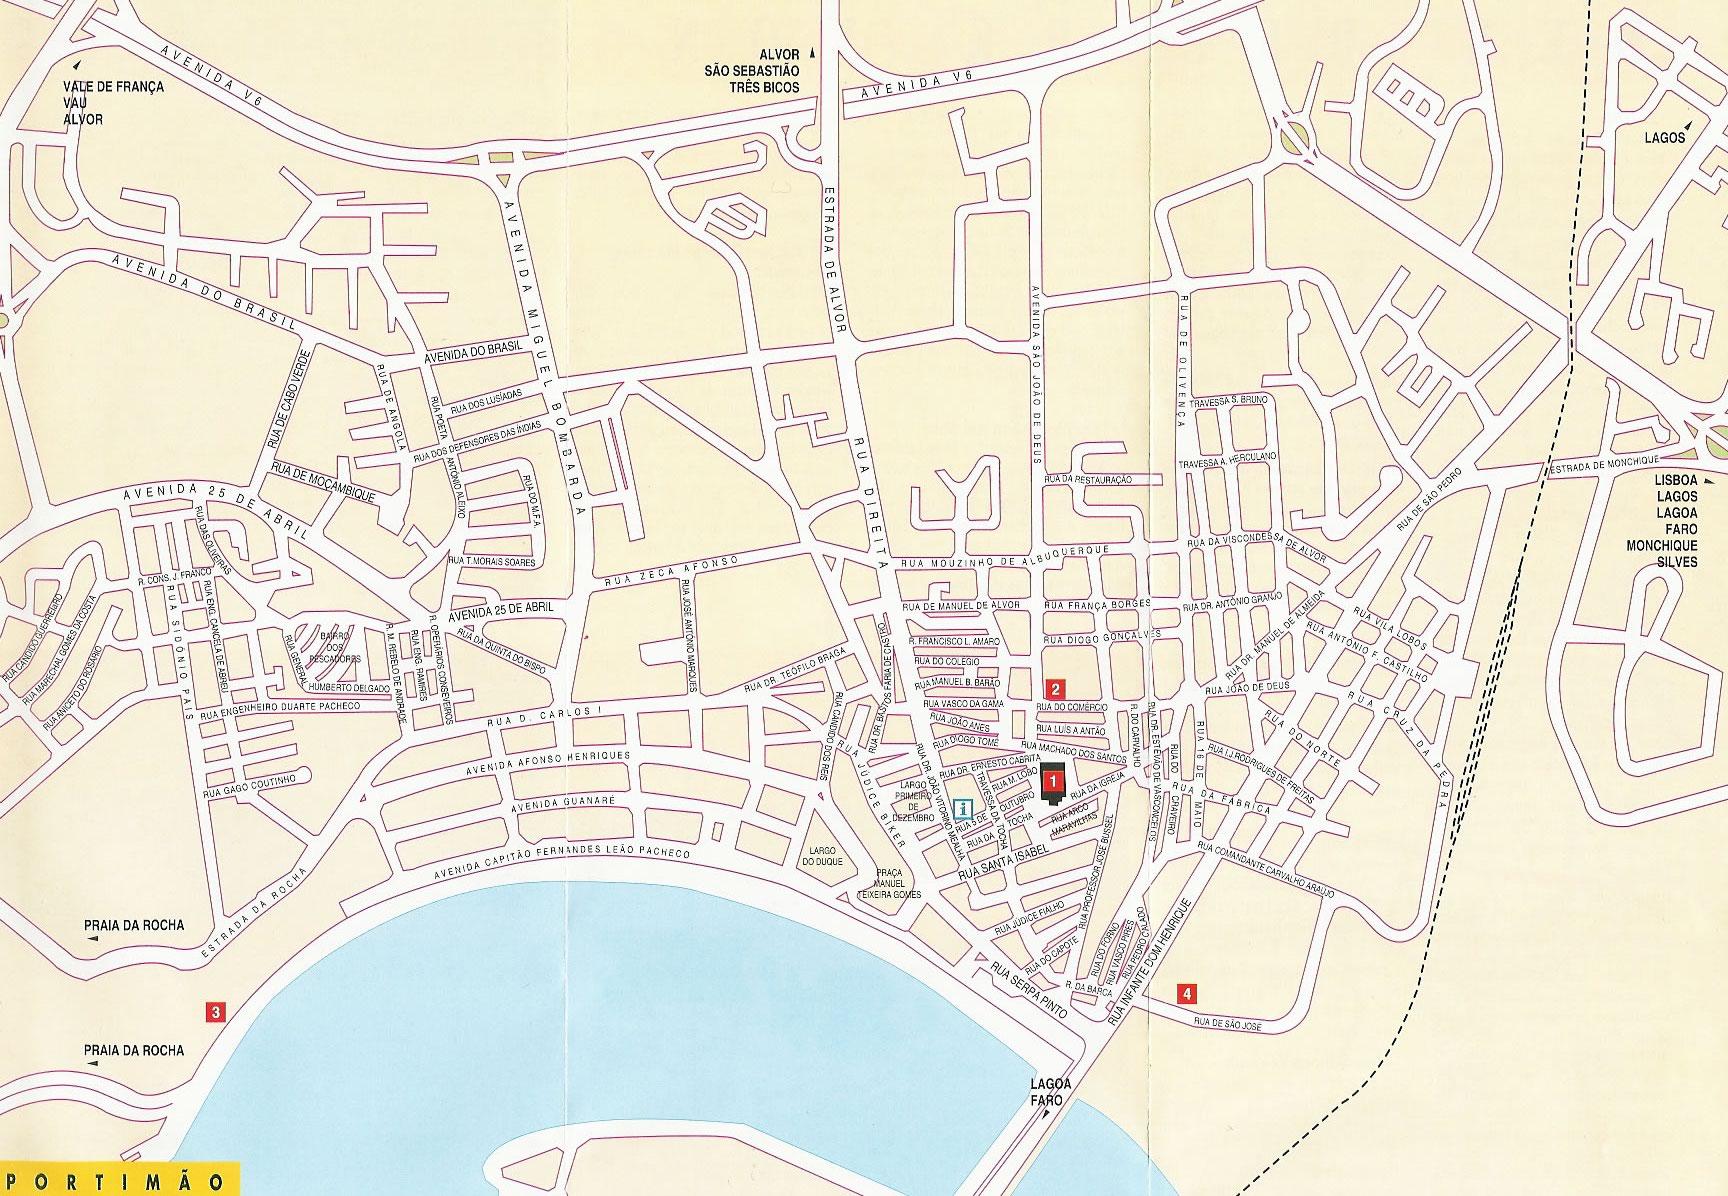 Portimao Portugal Tourist Map Portimao Mappery - Portugal map carvoeiro